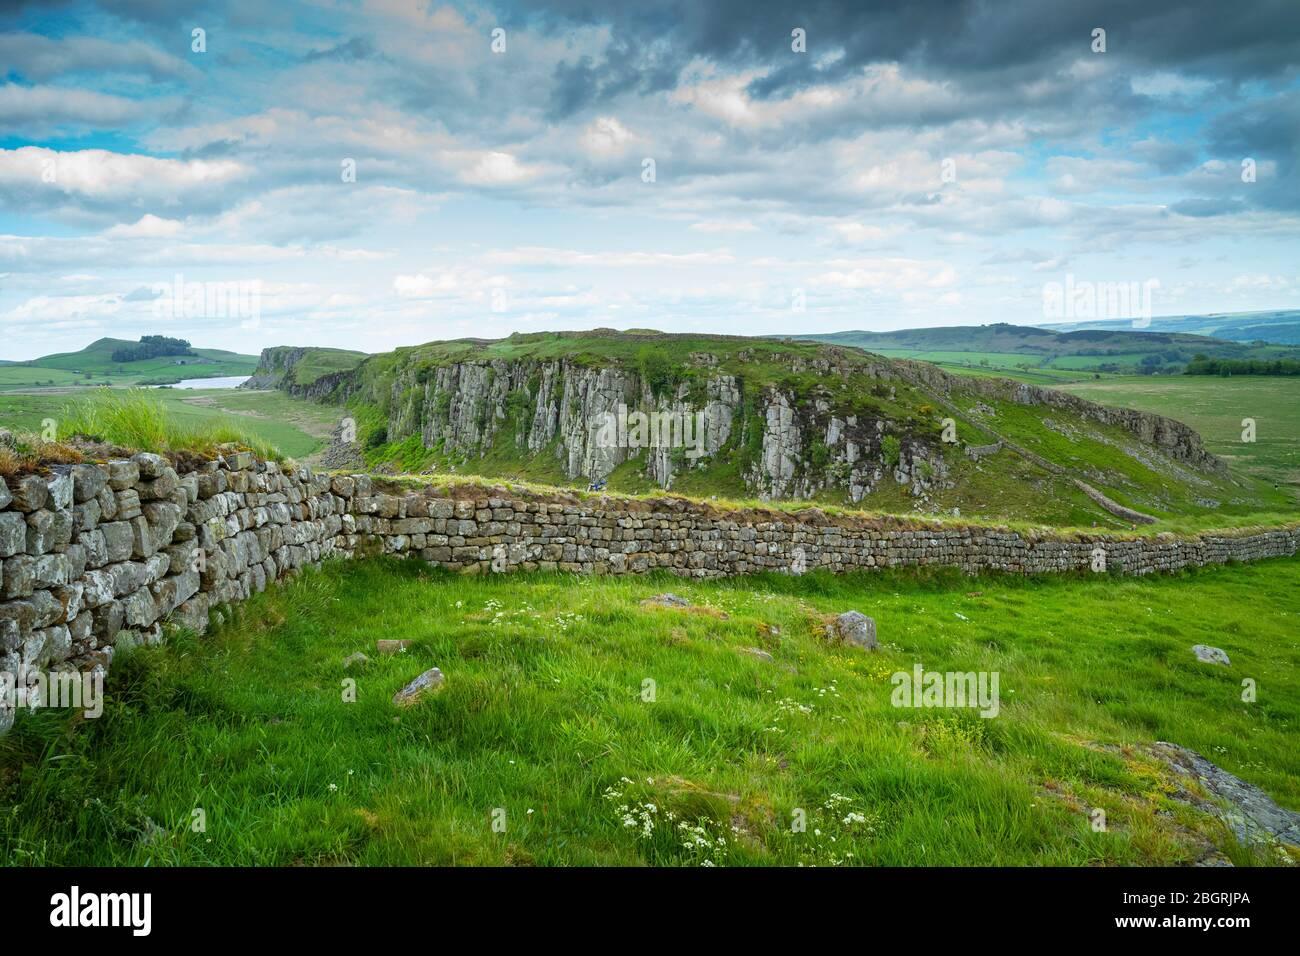 Muro de Adriano, límite de construcción de piedra en el Parque Nacional de Northumberland en Steel Ring, Inglaterra Foto de stock